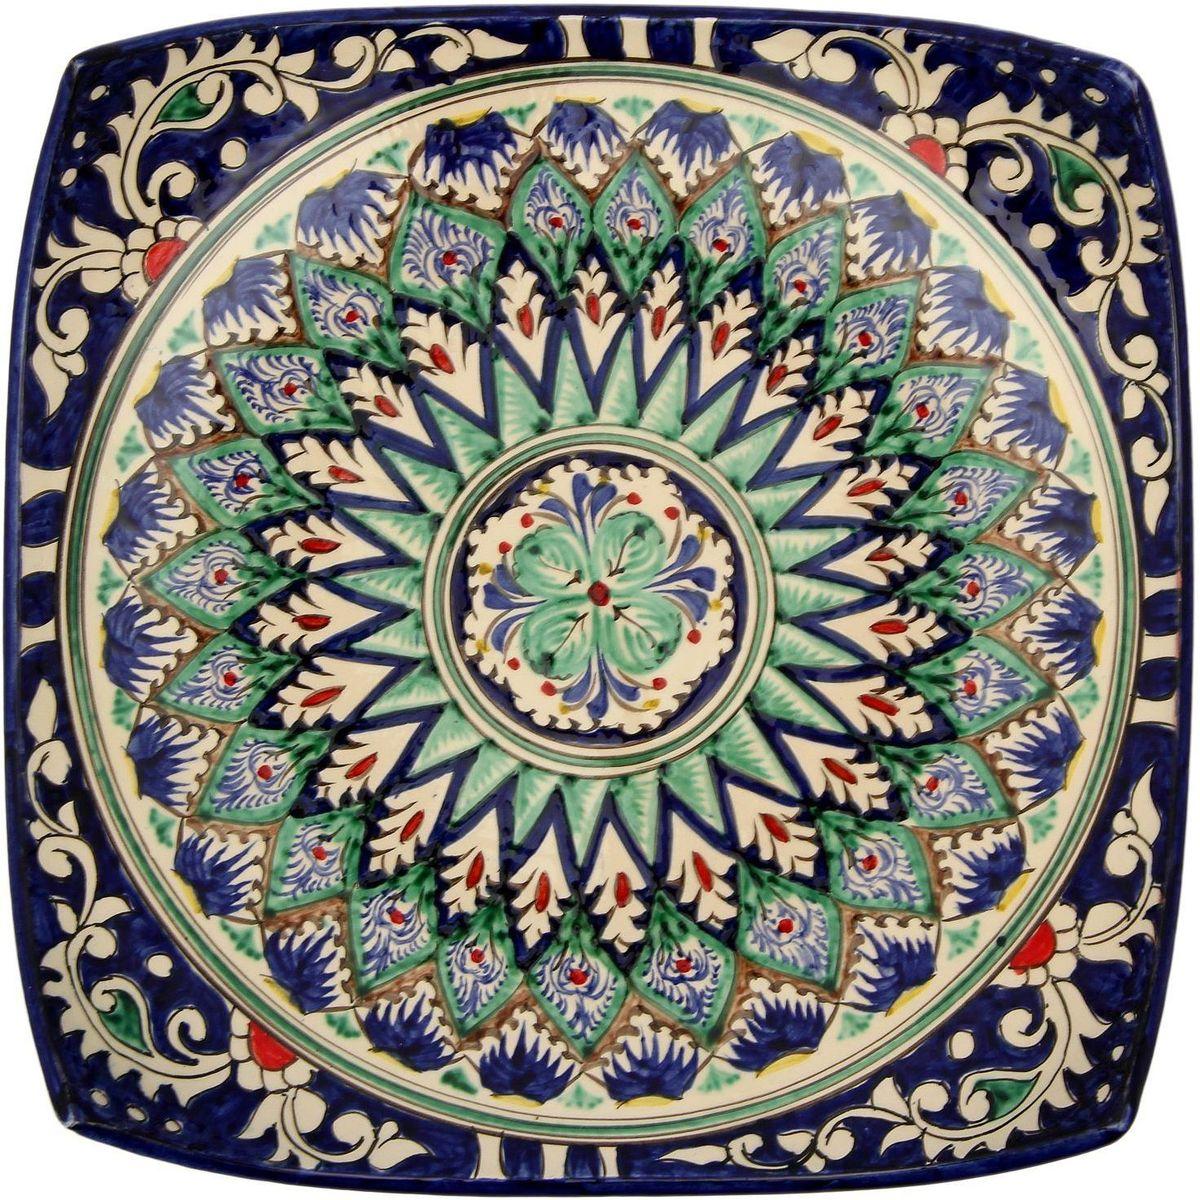 Ляган Риштанская керамика, 31 х 31 см. 21387022138702Ляган — это не просто обеденный атрибут, это украшение стола. Посуда с национальной росписью станет отменным подарком для ценителей высокородной посуды.Риштан — город на востоке Узбекистана, один из древнейших в Ферганской долине. С давних времён Риштан славится своим гончарным искусством изготовления цветной керамики. Красноватую глину для изделия добывают в самом городе. Мастера утверждают, что их глина настолько высокого качества, что даже не нуждается в предварительной обработке. Дополните коллекцию кухонных аксессуаров пряными восточными нотами.